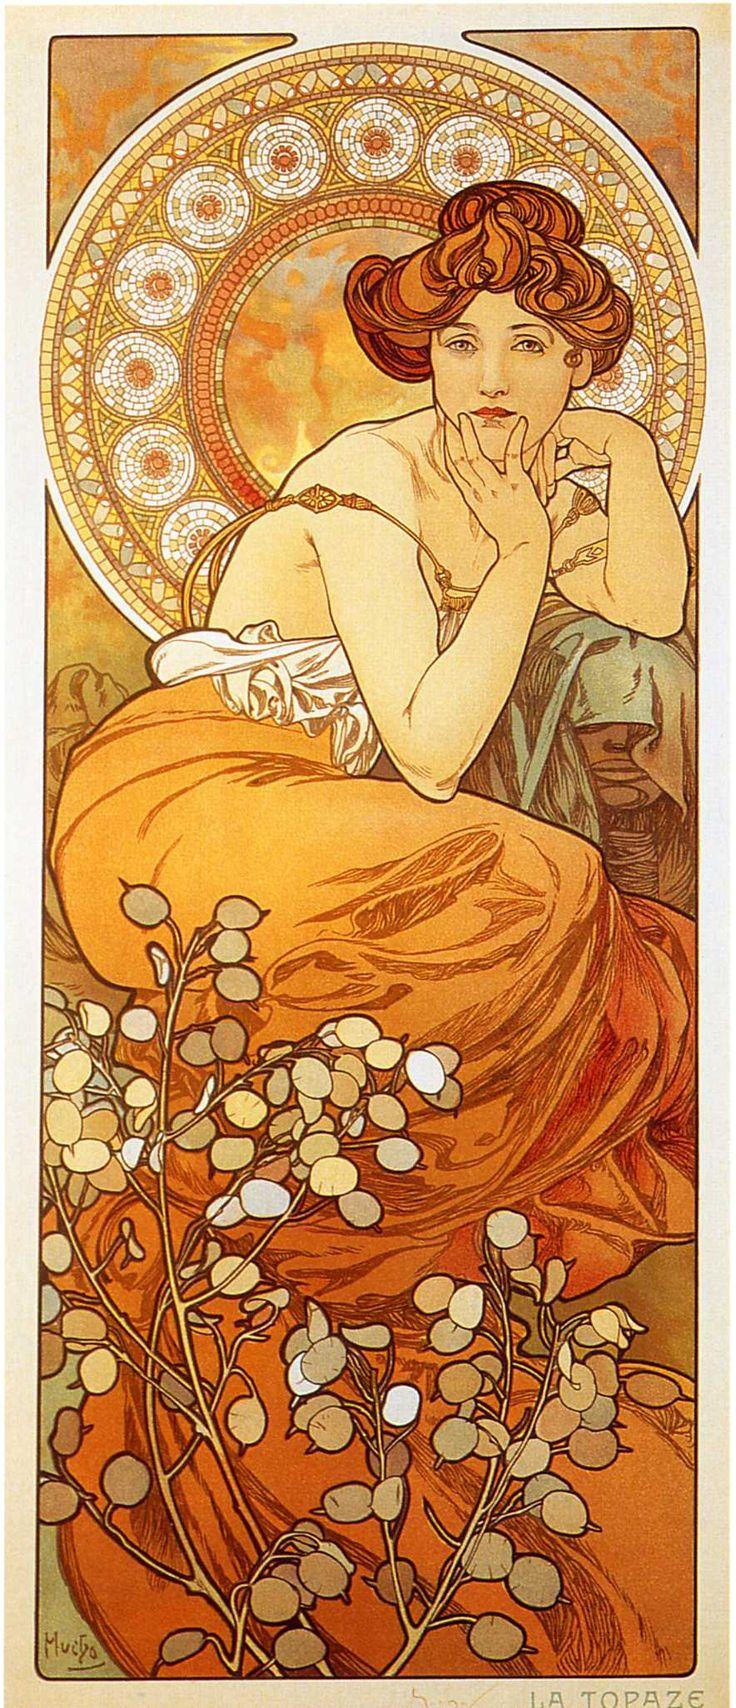 art nouveau mucha | Art Nouveau Portrait Class Overview - Blog - Heather Shirin - Fine ...